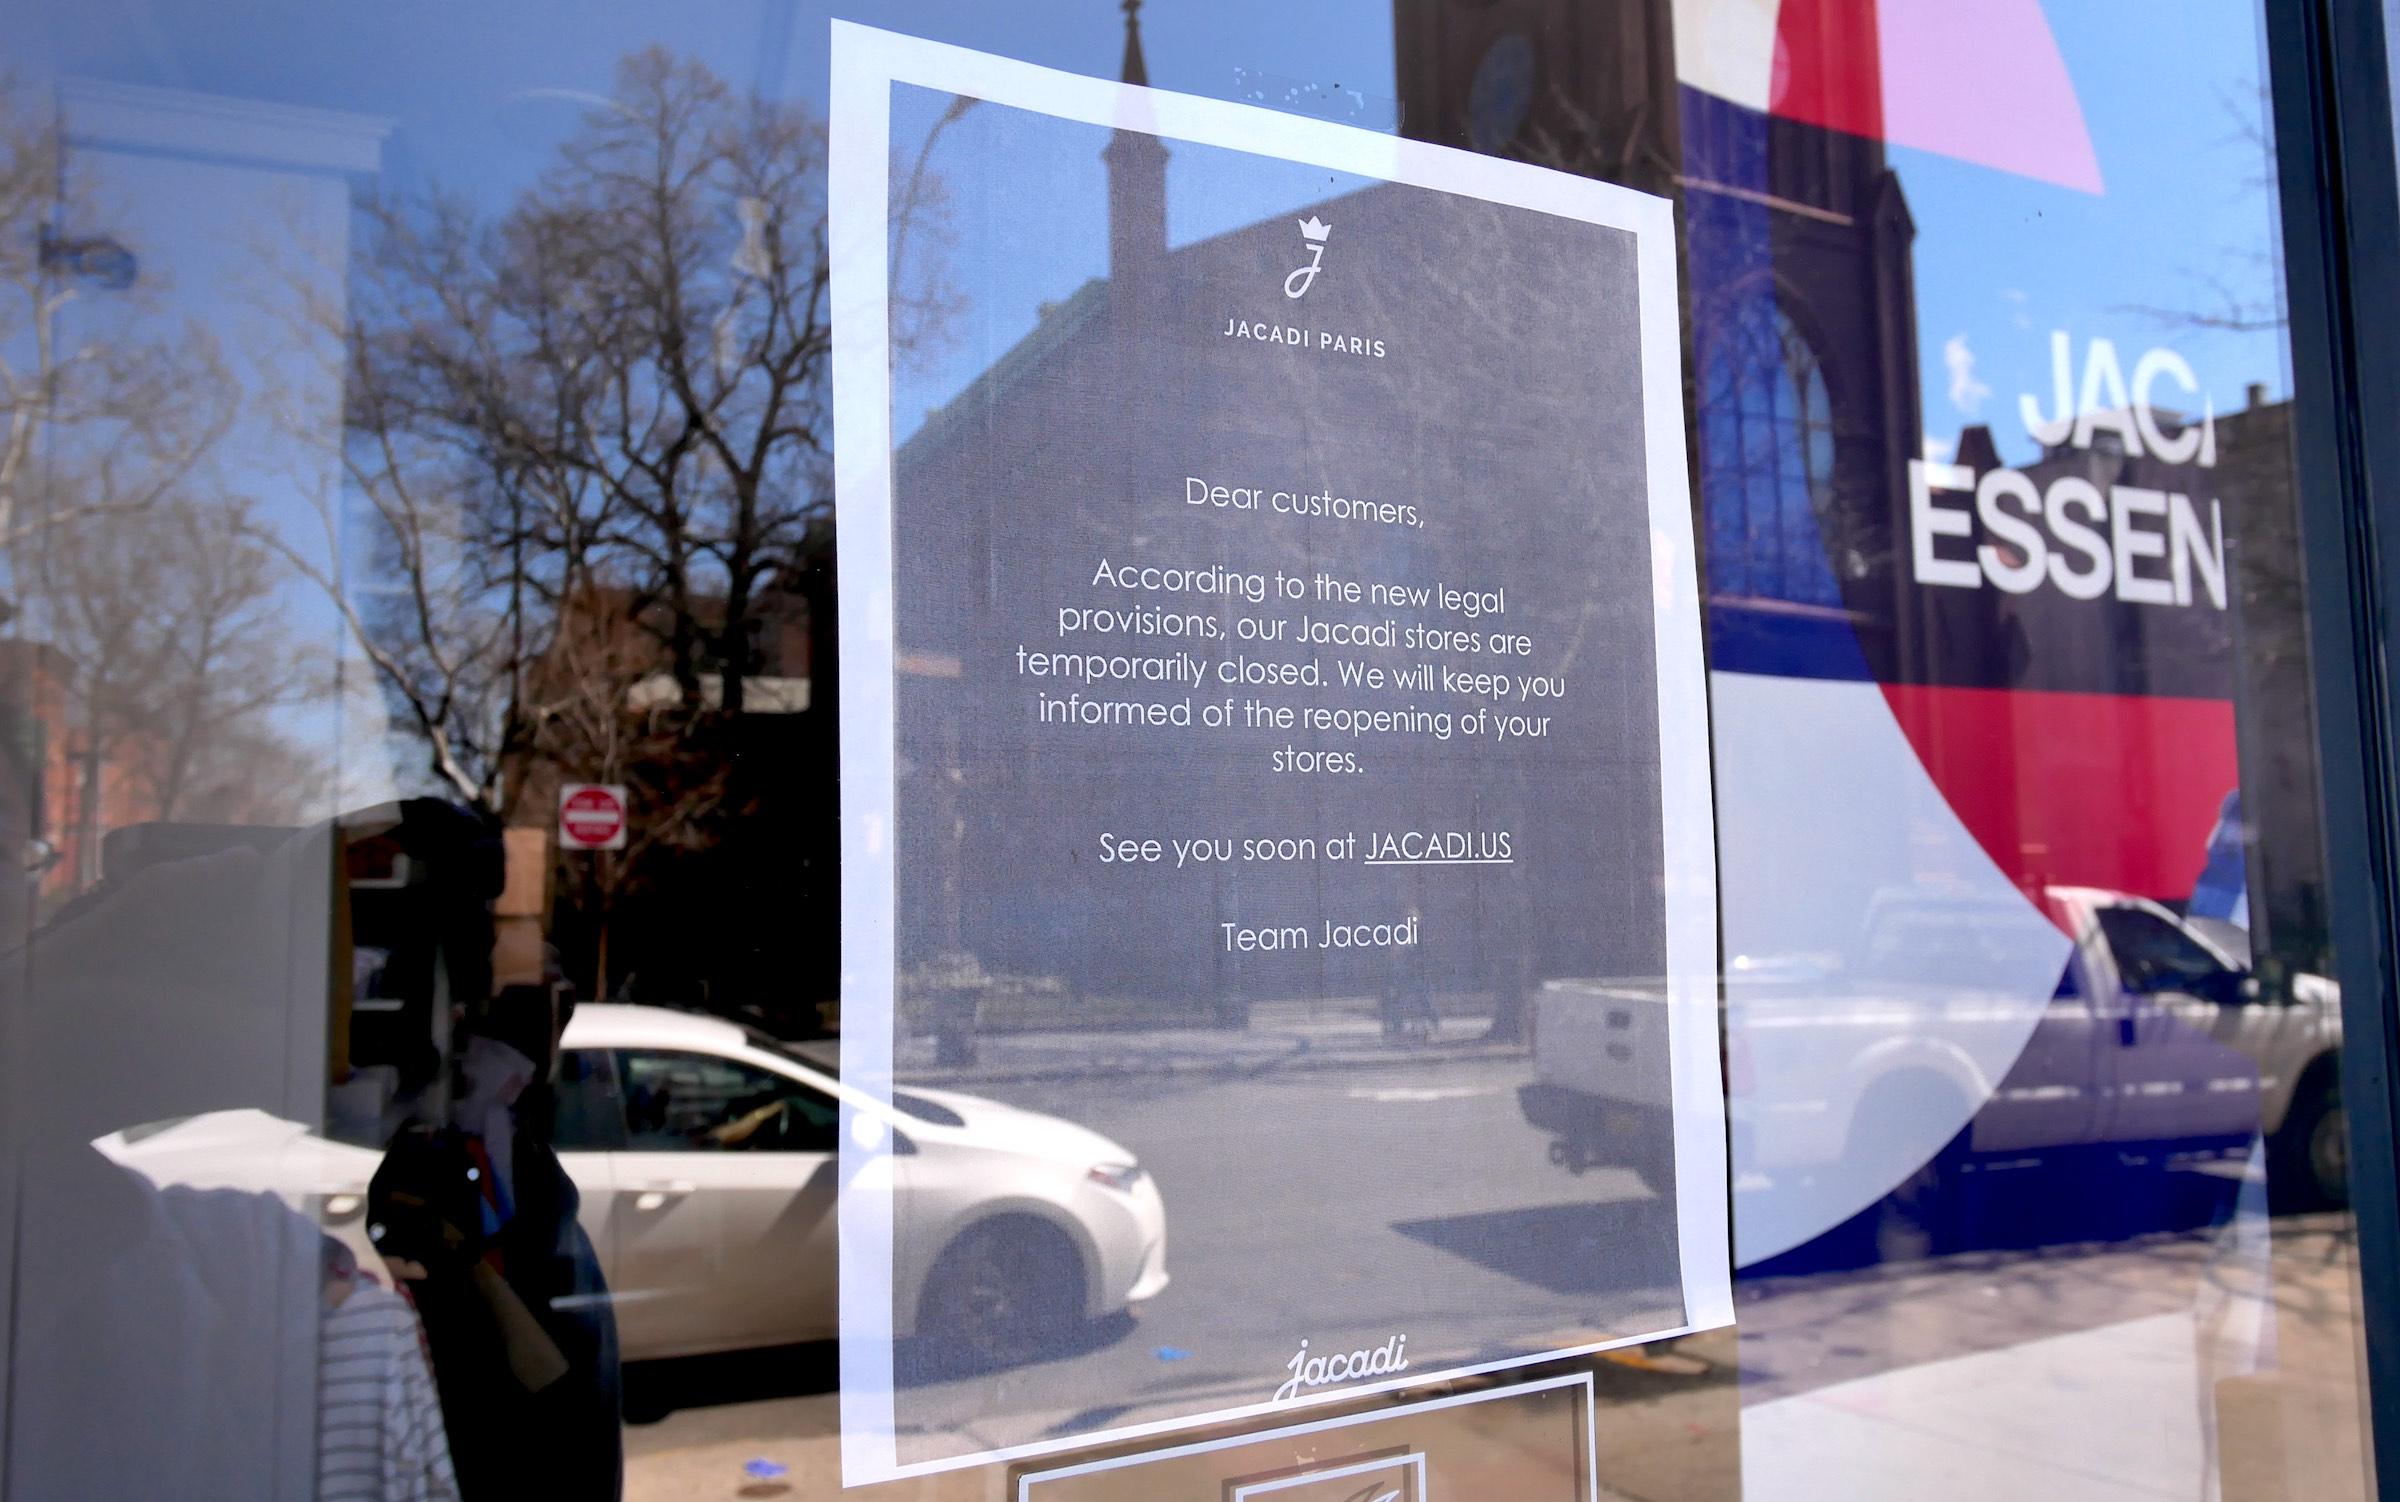 コロナウイルスと戦っている今現在のニューヨークの不動産マーケット。